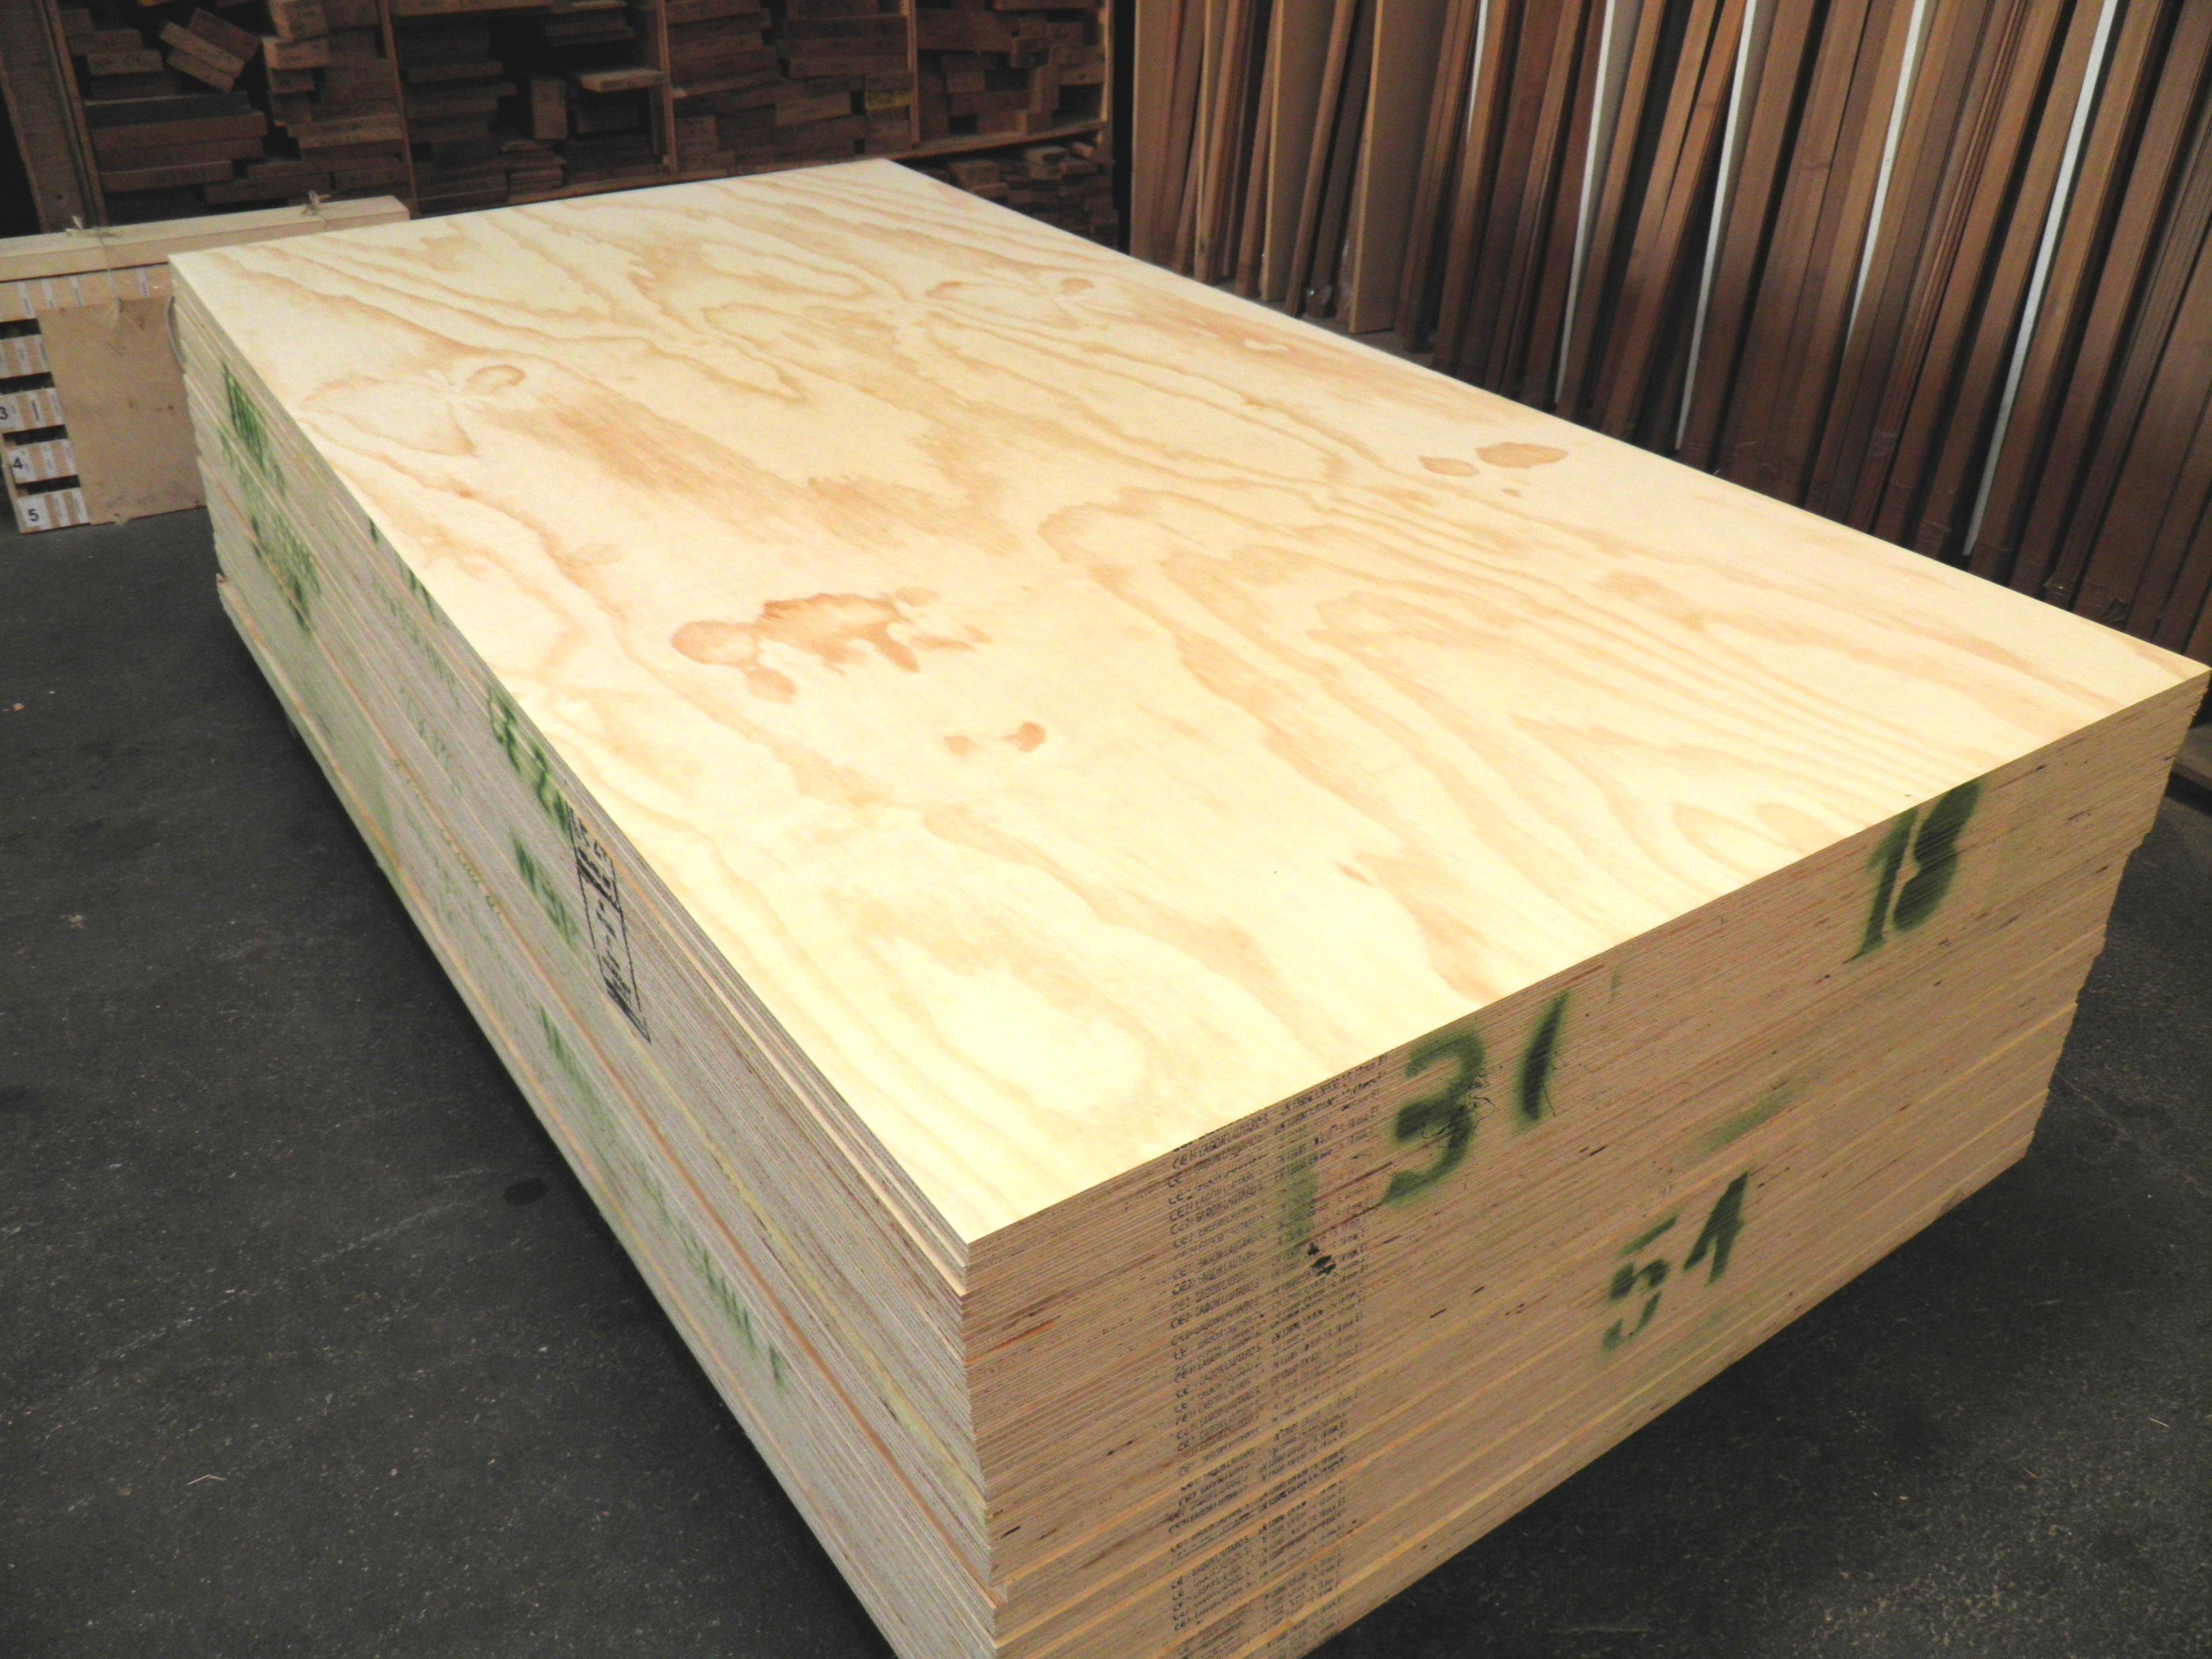 platten sperrholz flugzeugsperrholz mdf und furnierten platten haben wir auf lager in arnheim. Black Bedroom Furniture Sets. Home Design Ideas